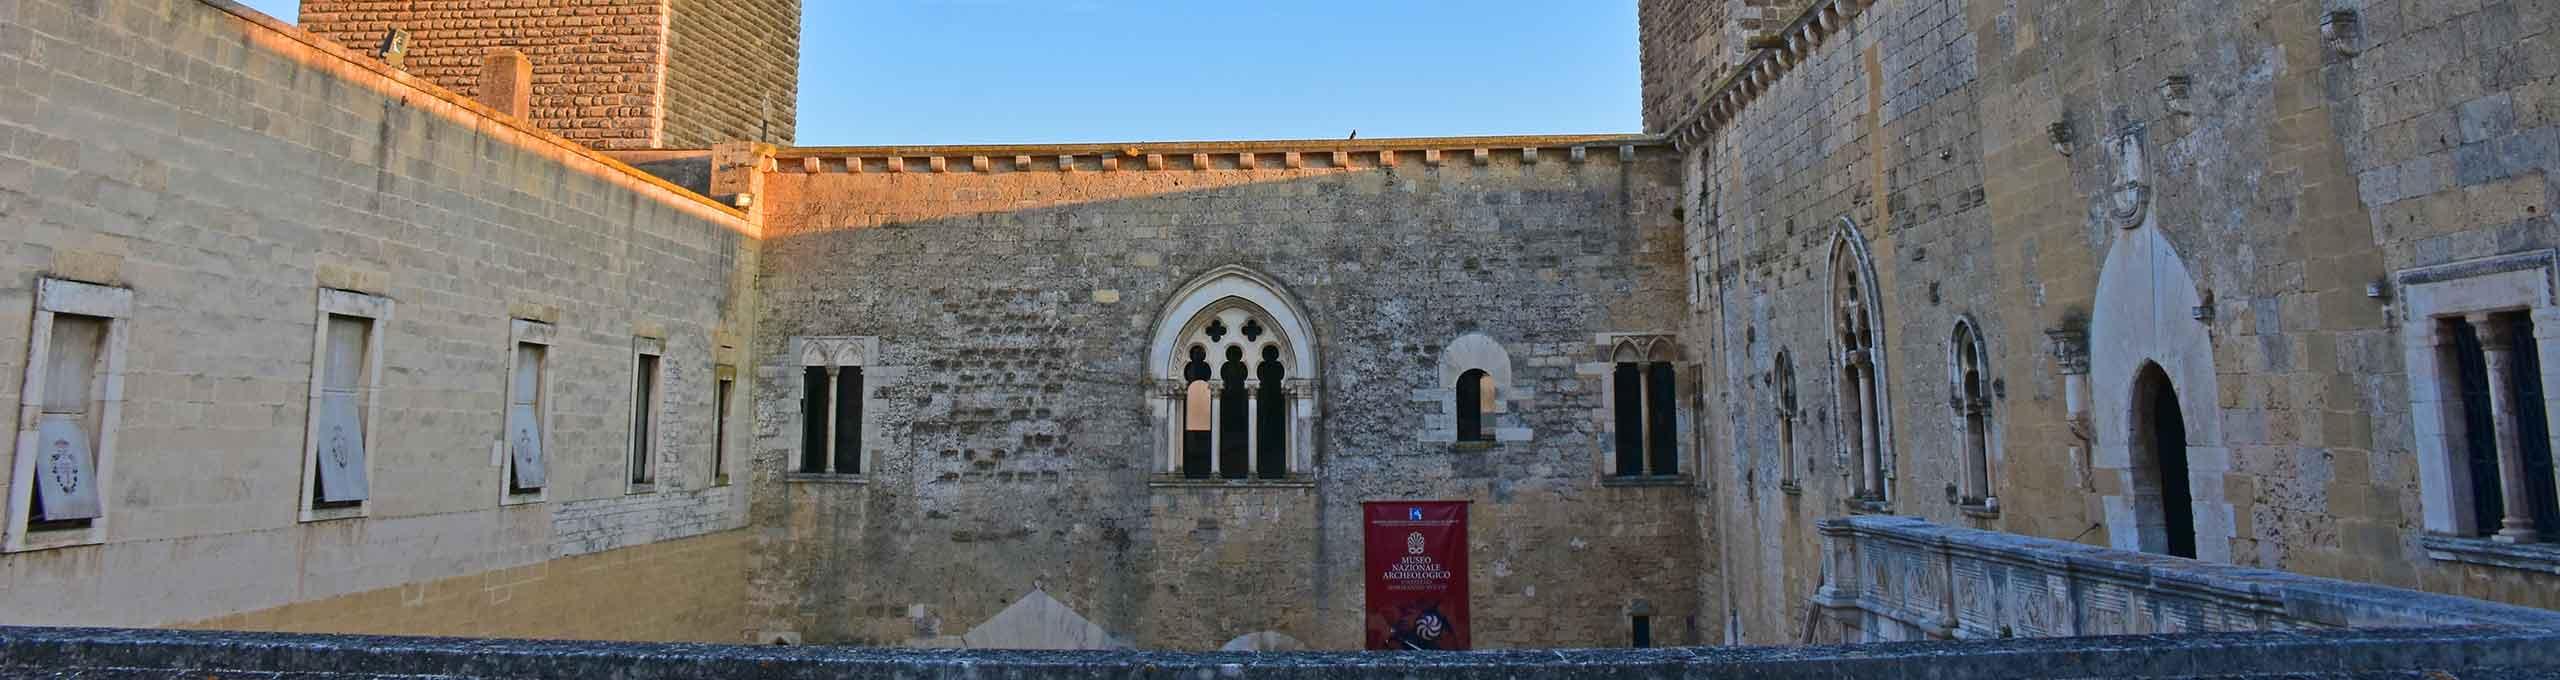 Gioia del Colle, Murge, Museo Archeologico